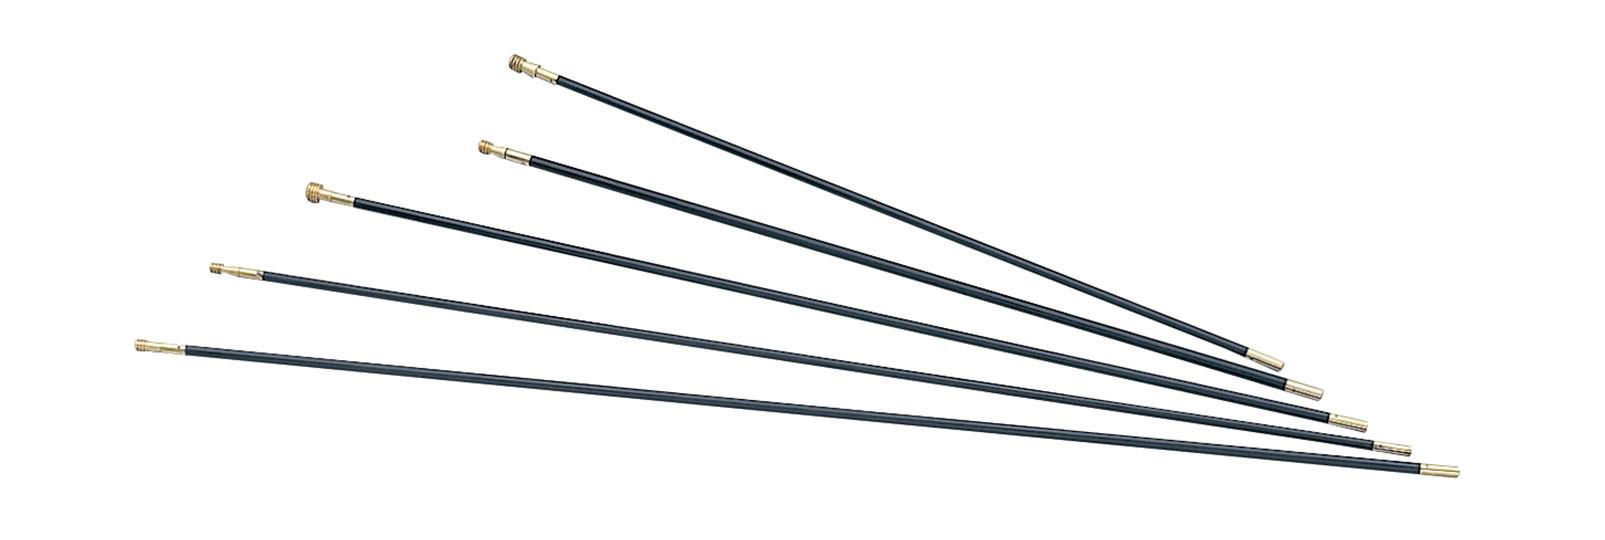 Bacchetta in fibra per armi ad avancarica 9x890 mm